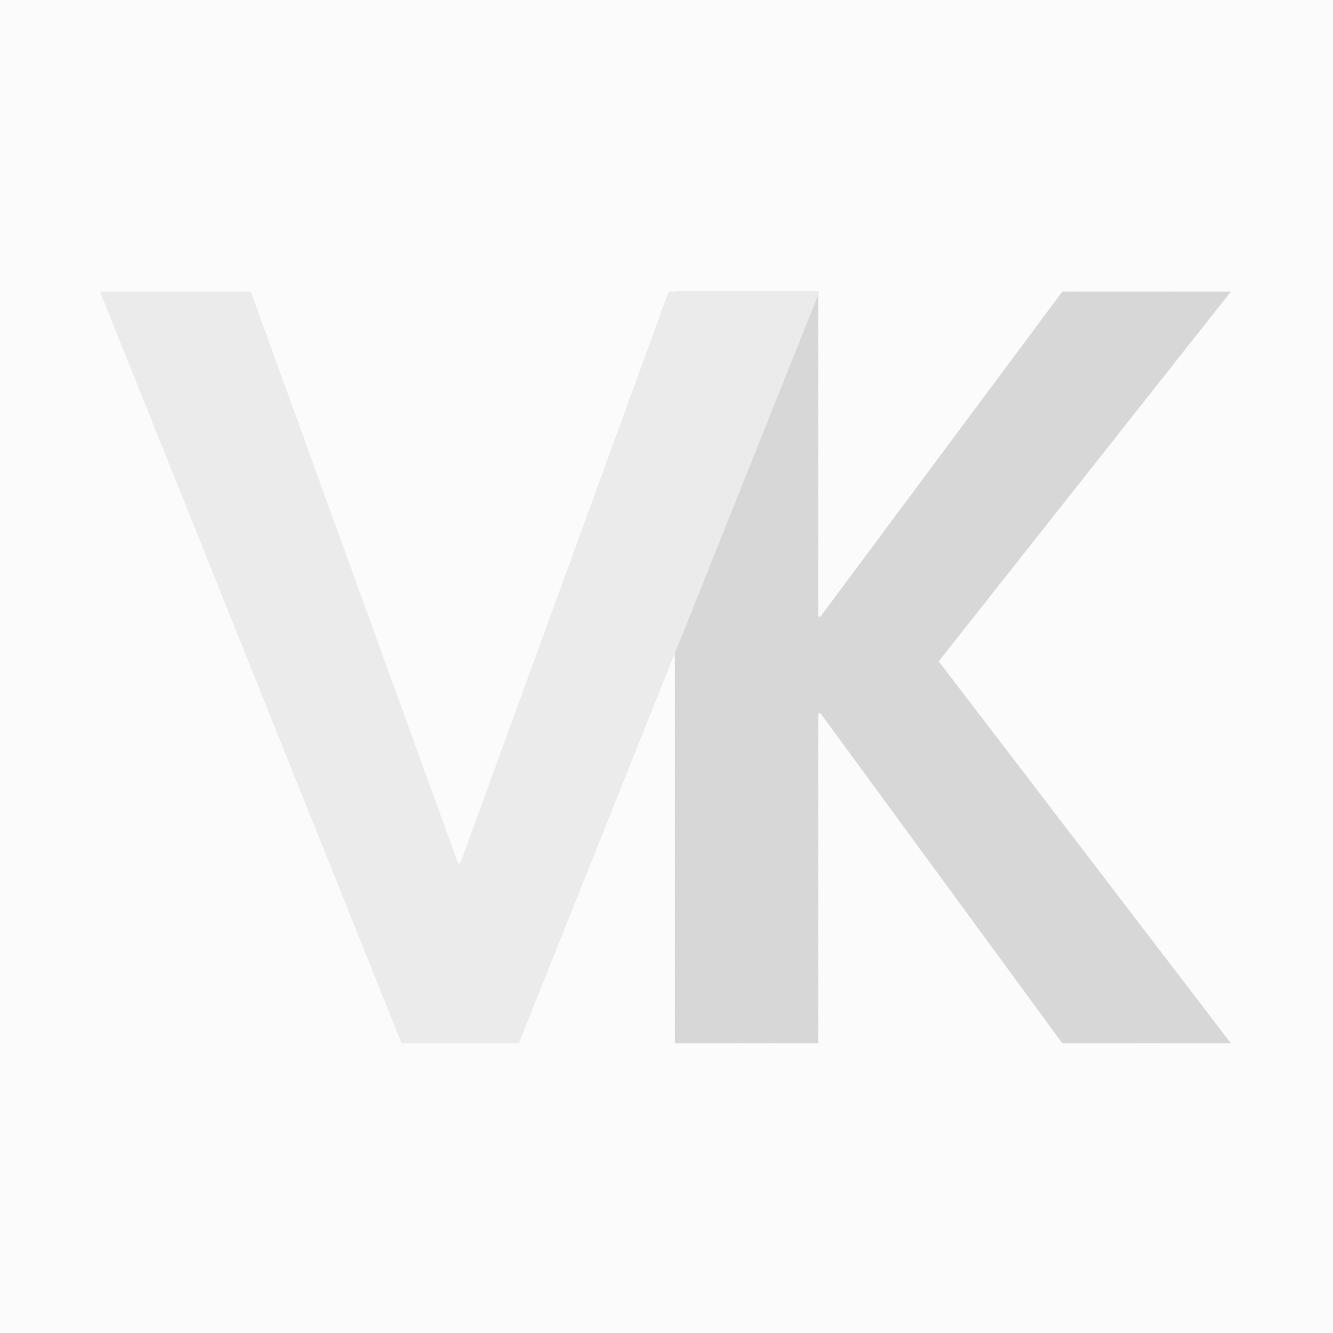 Kyone Barber RA-02 Razor Mes Inclusief 10 Mesjes